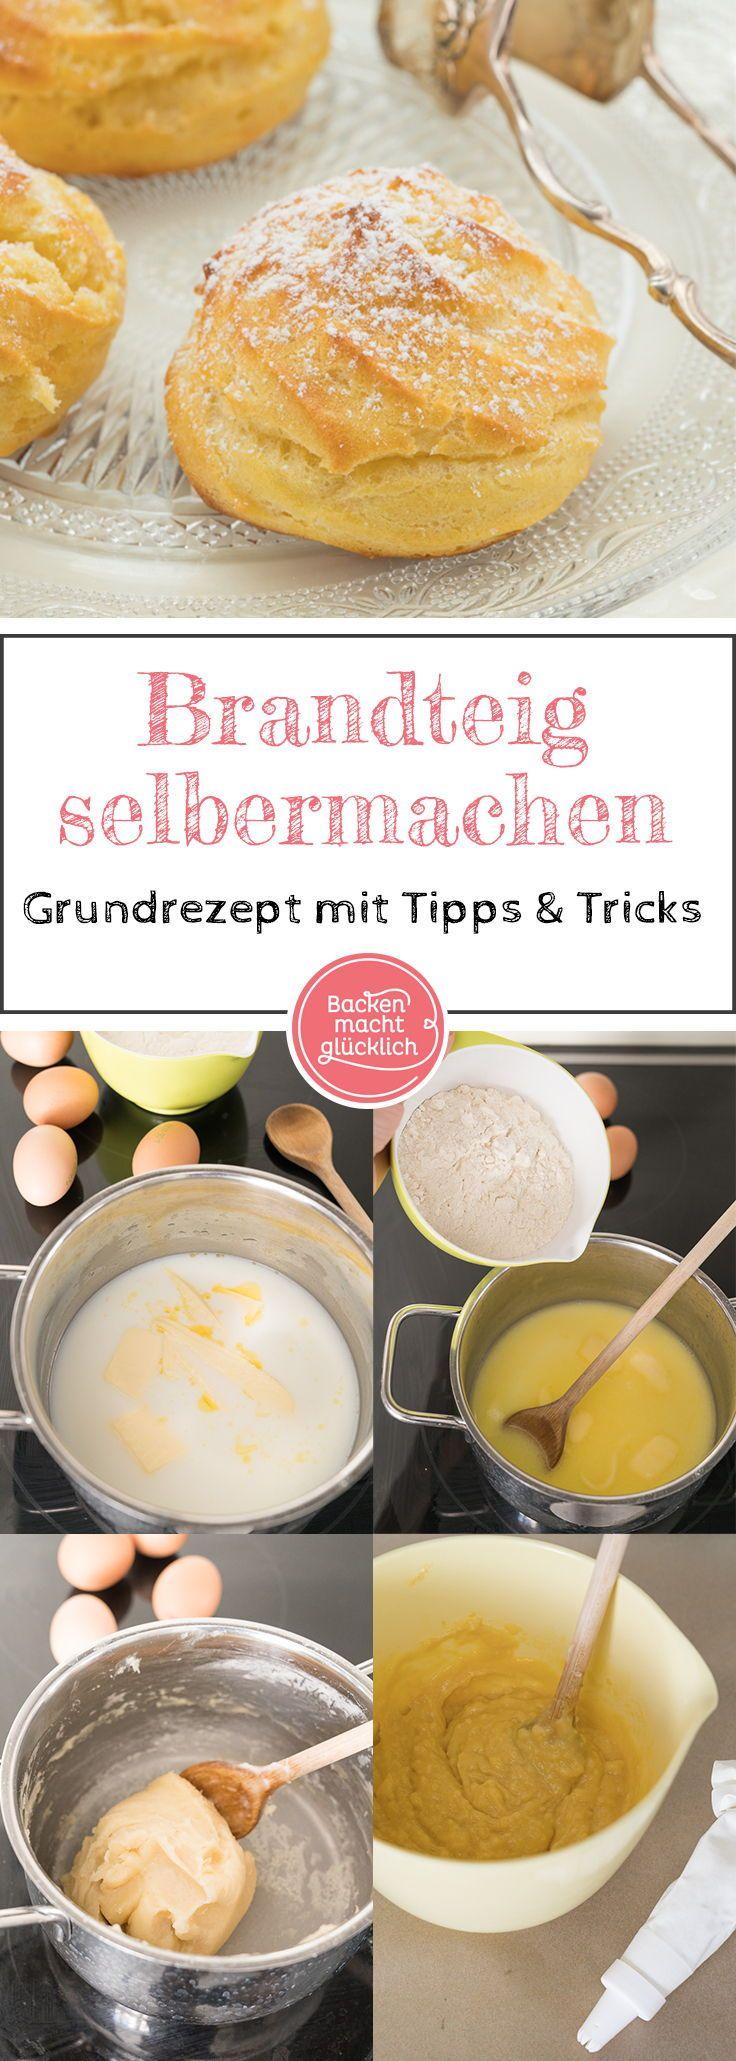 Brandteig-Grundrezept mit Tipps | Backen macht glücklich #rührteiggrundrezept